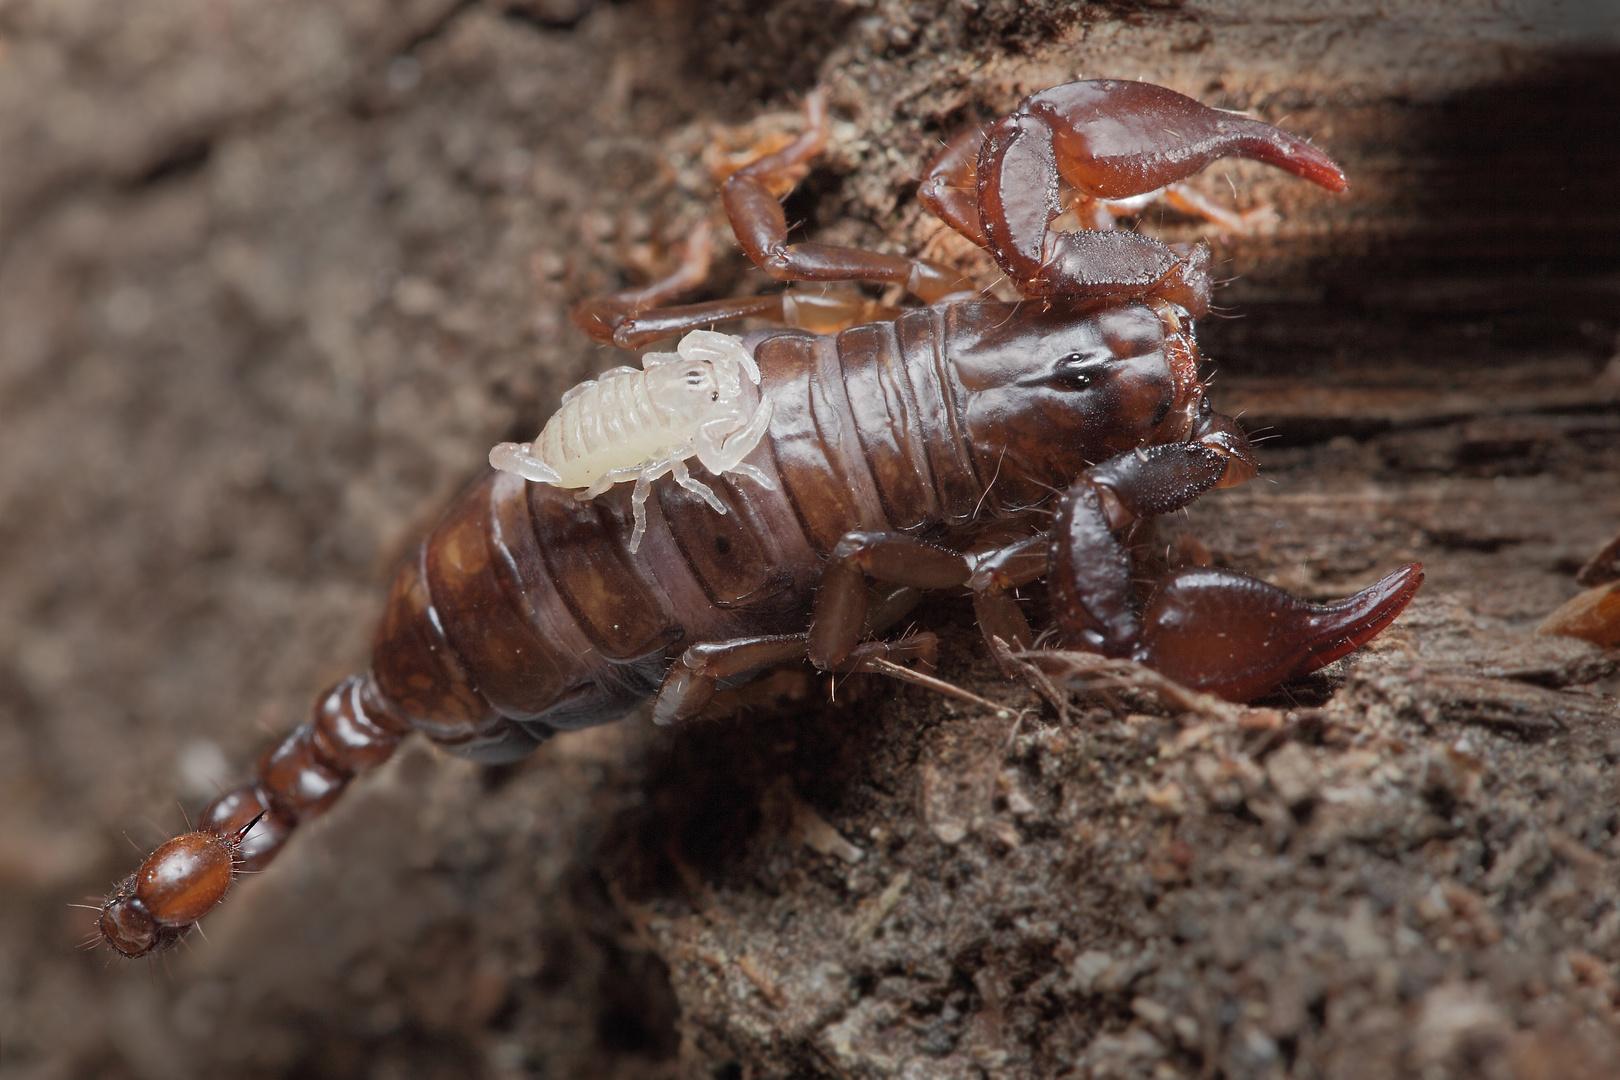 Huckepack (Euscorpius, Skorpion mit Jungtier)